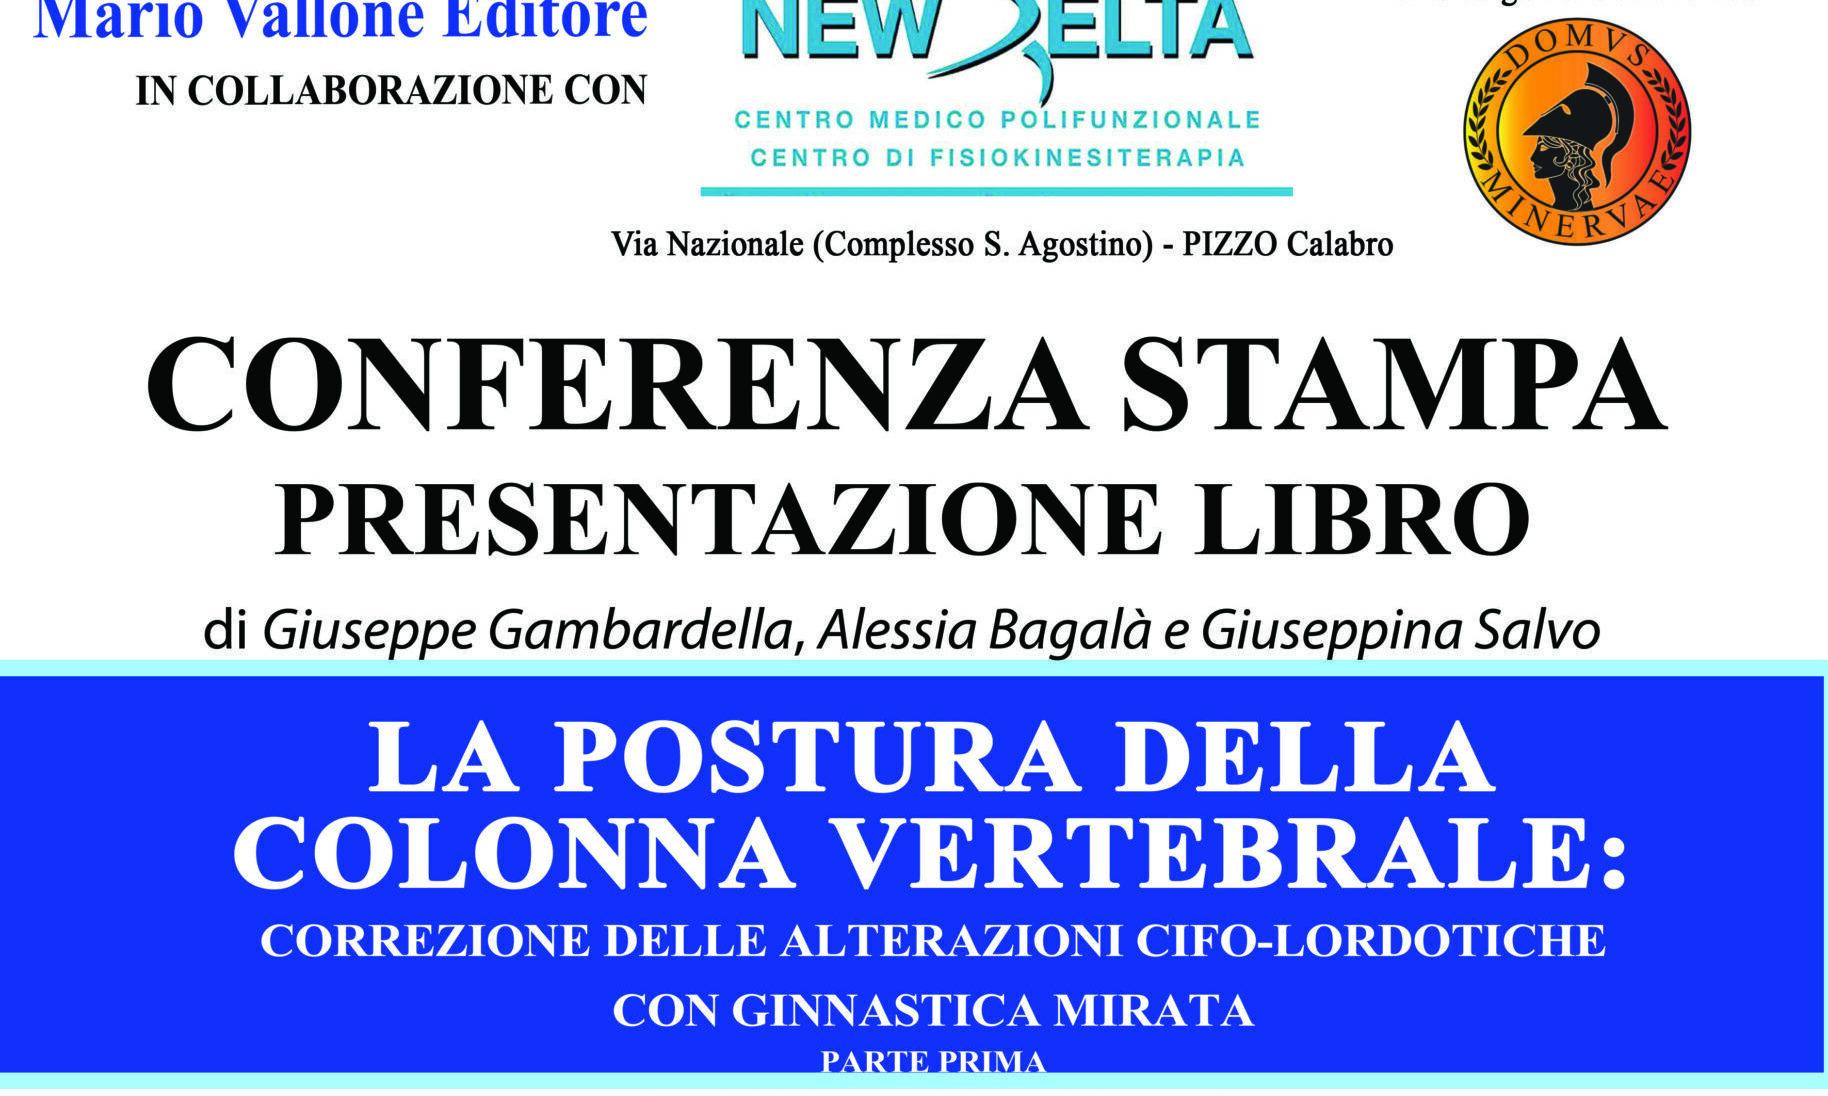 La salute della colonna vertebrale, presentazione del libro dei medici del New Delta di Pizzo